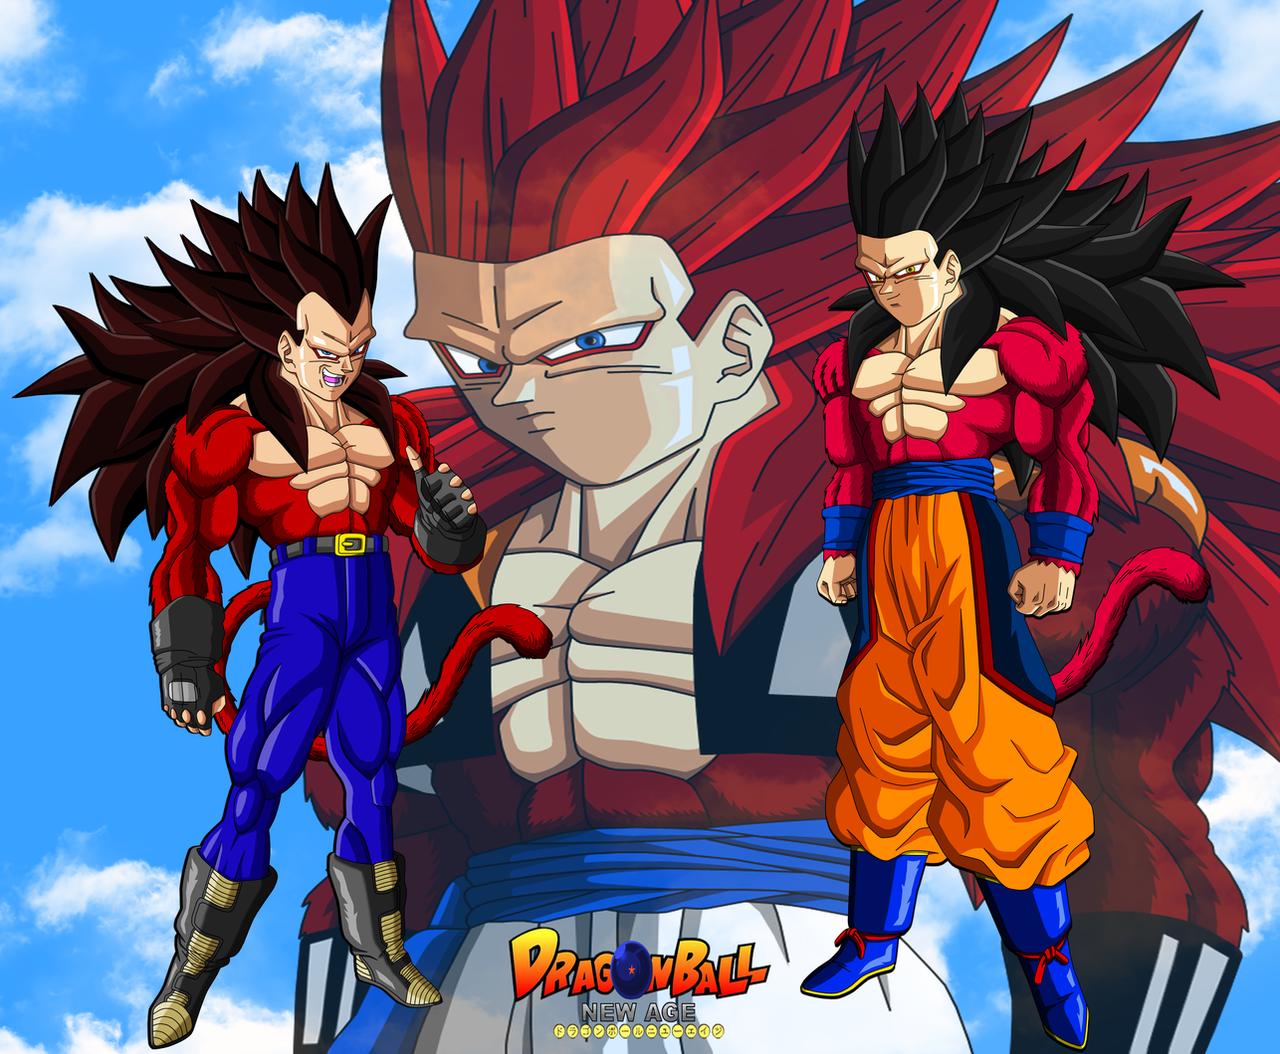 Bejita, Goku and Gojita True ssj4 by bejita135 on DeviantArt